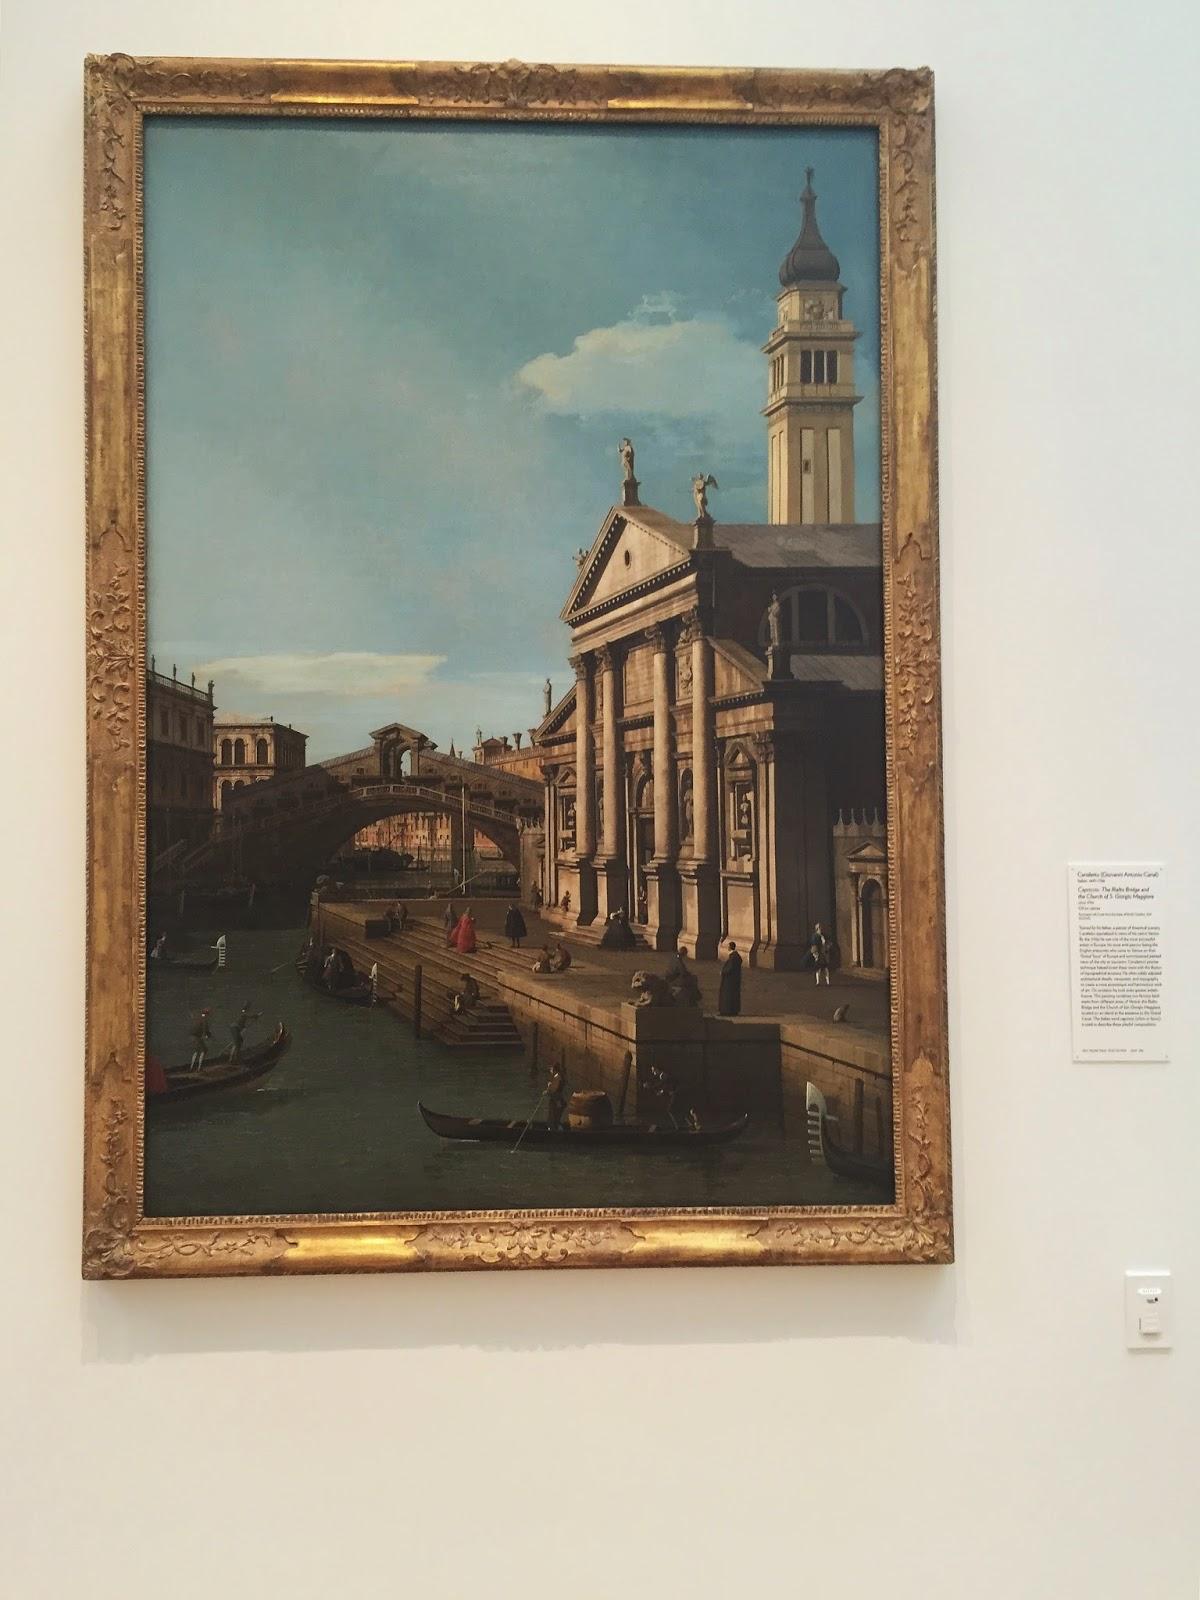 Canaletto, oil on canvas, Venice, Italy, Capriccio: The Rialto Bridge and the Church of S. Giergio Maggiore, North Carolina Museum of Art, NCMA, Raleigh, North Carolina, things to do in Raleigh, things to go in North Carolina, art, art museum